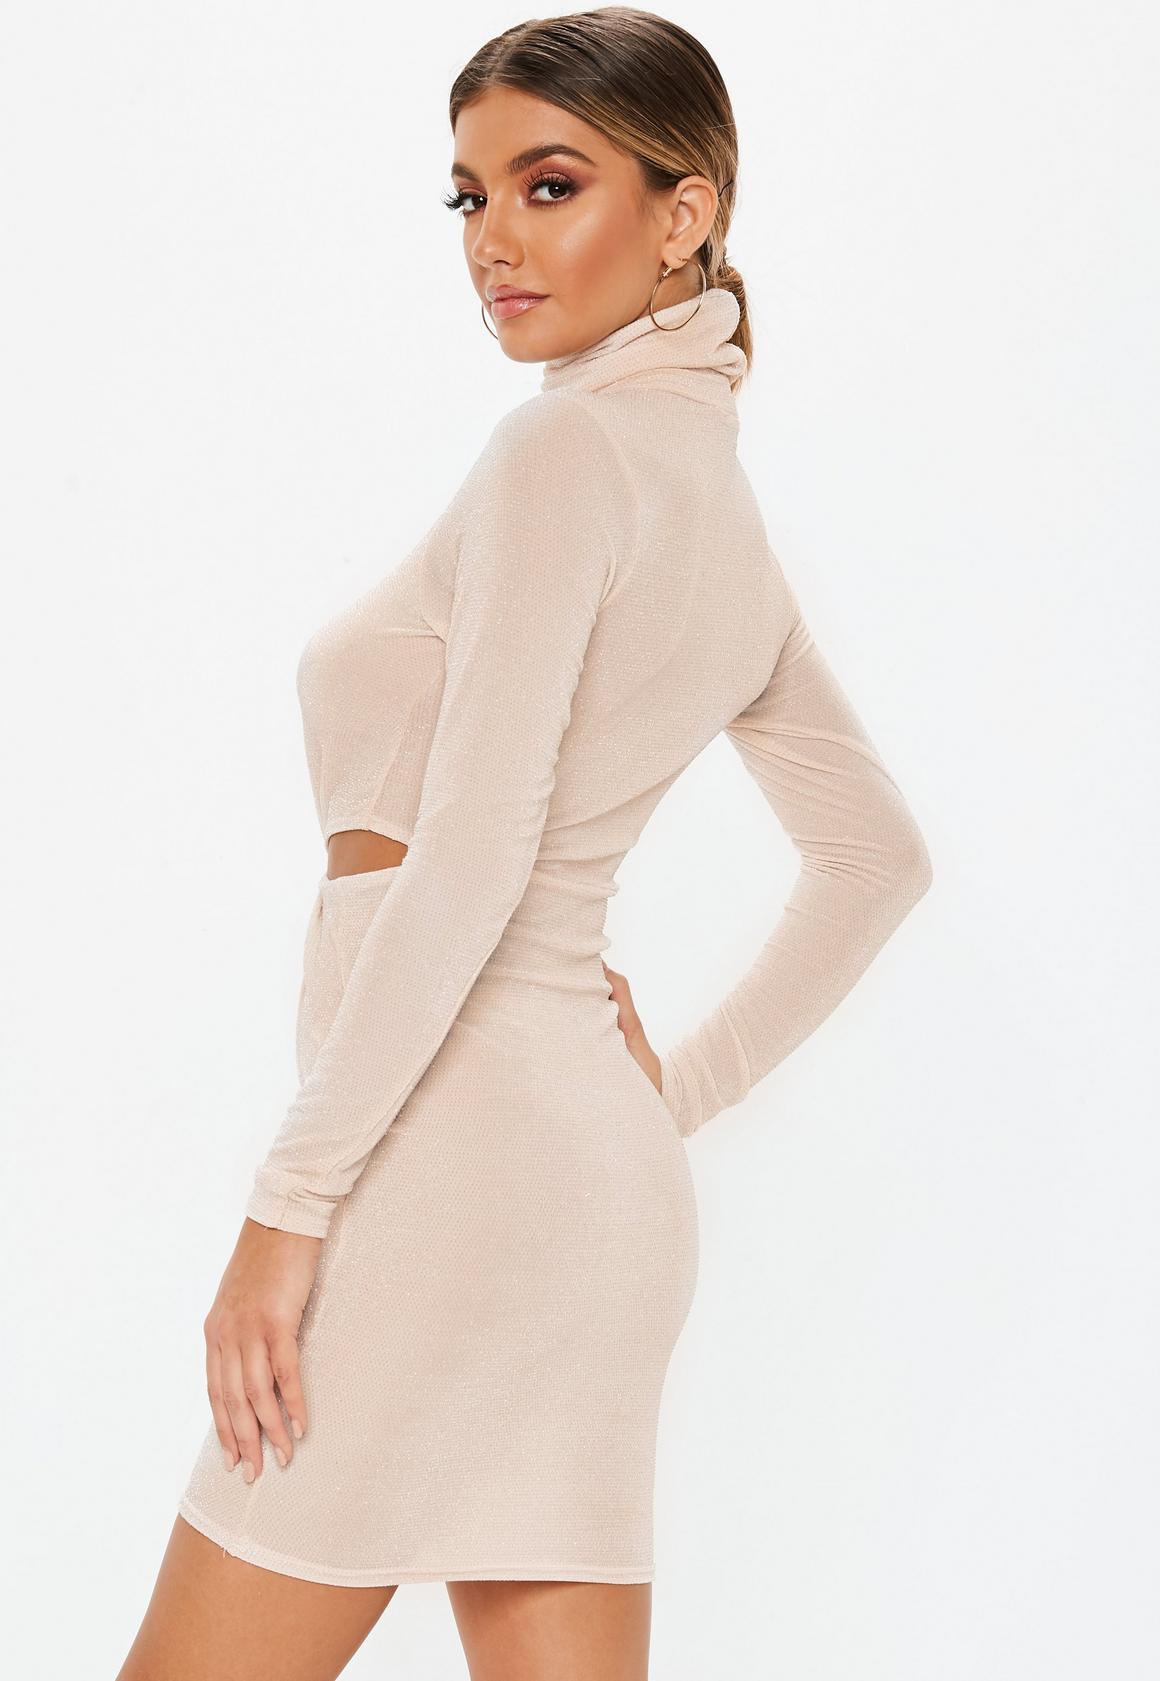 Missguided - robe courte  brillante à découpes et col haut - 4